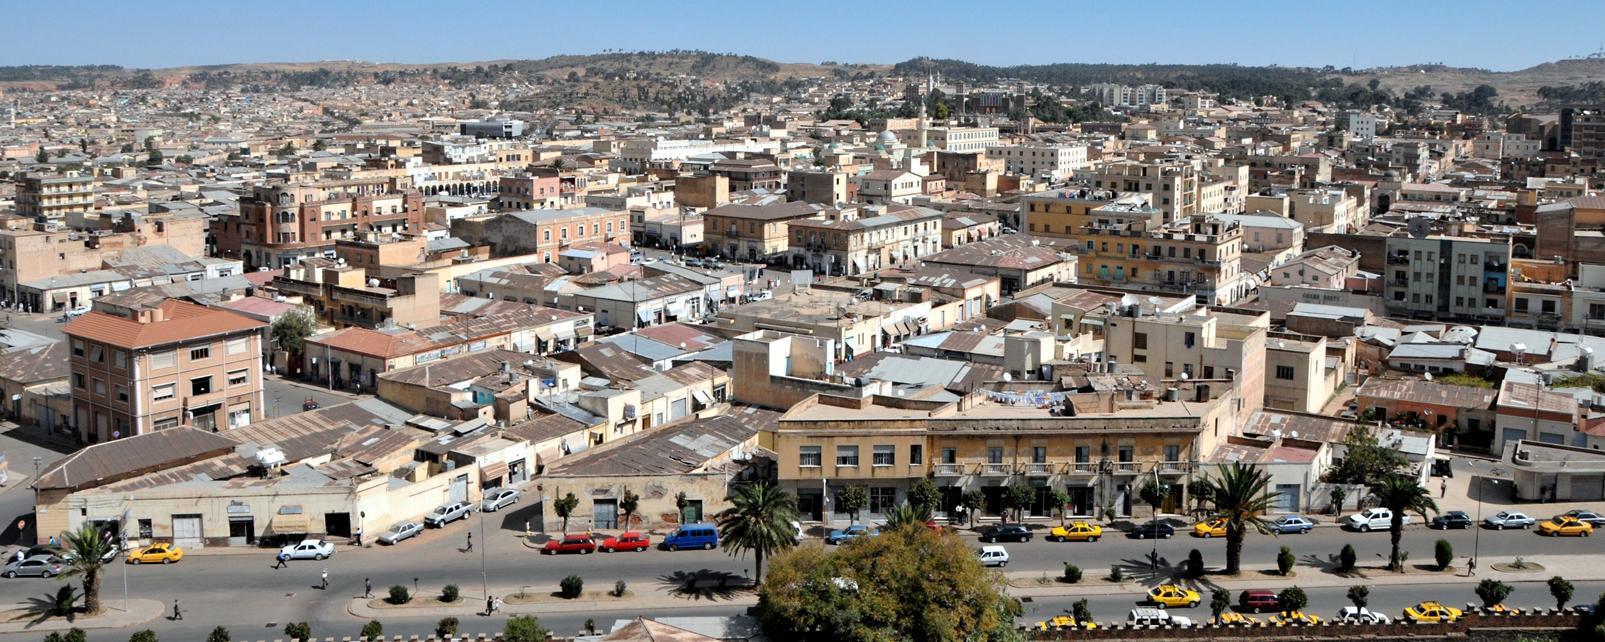 Afrique; Erythrée; Asmara; ville; bâtiment; route; voiture; arbre;